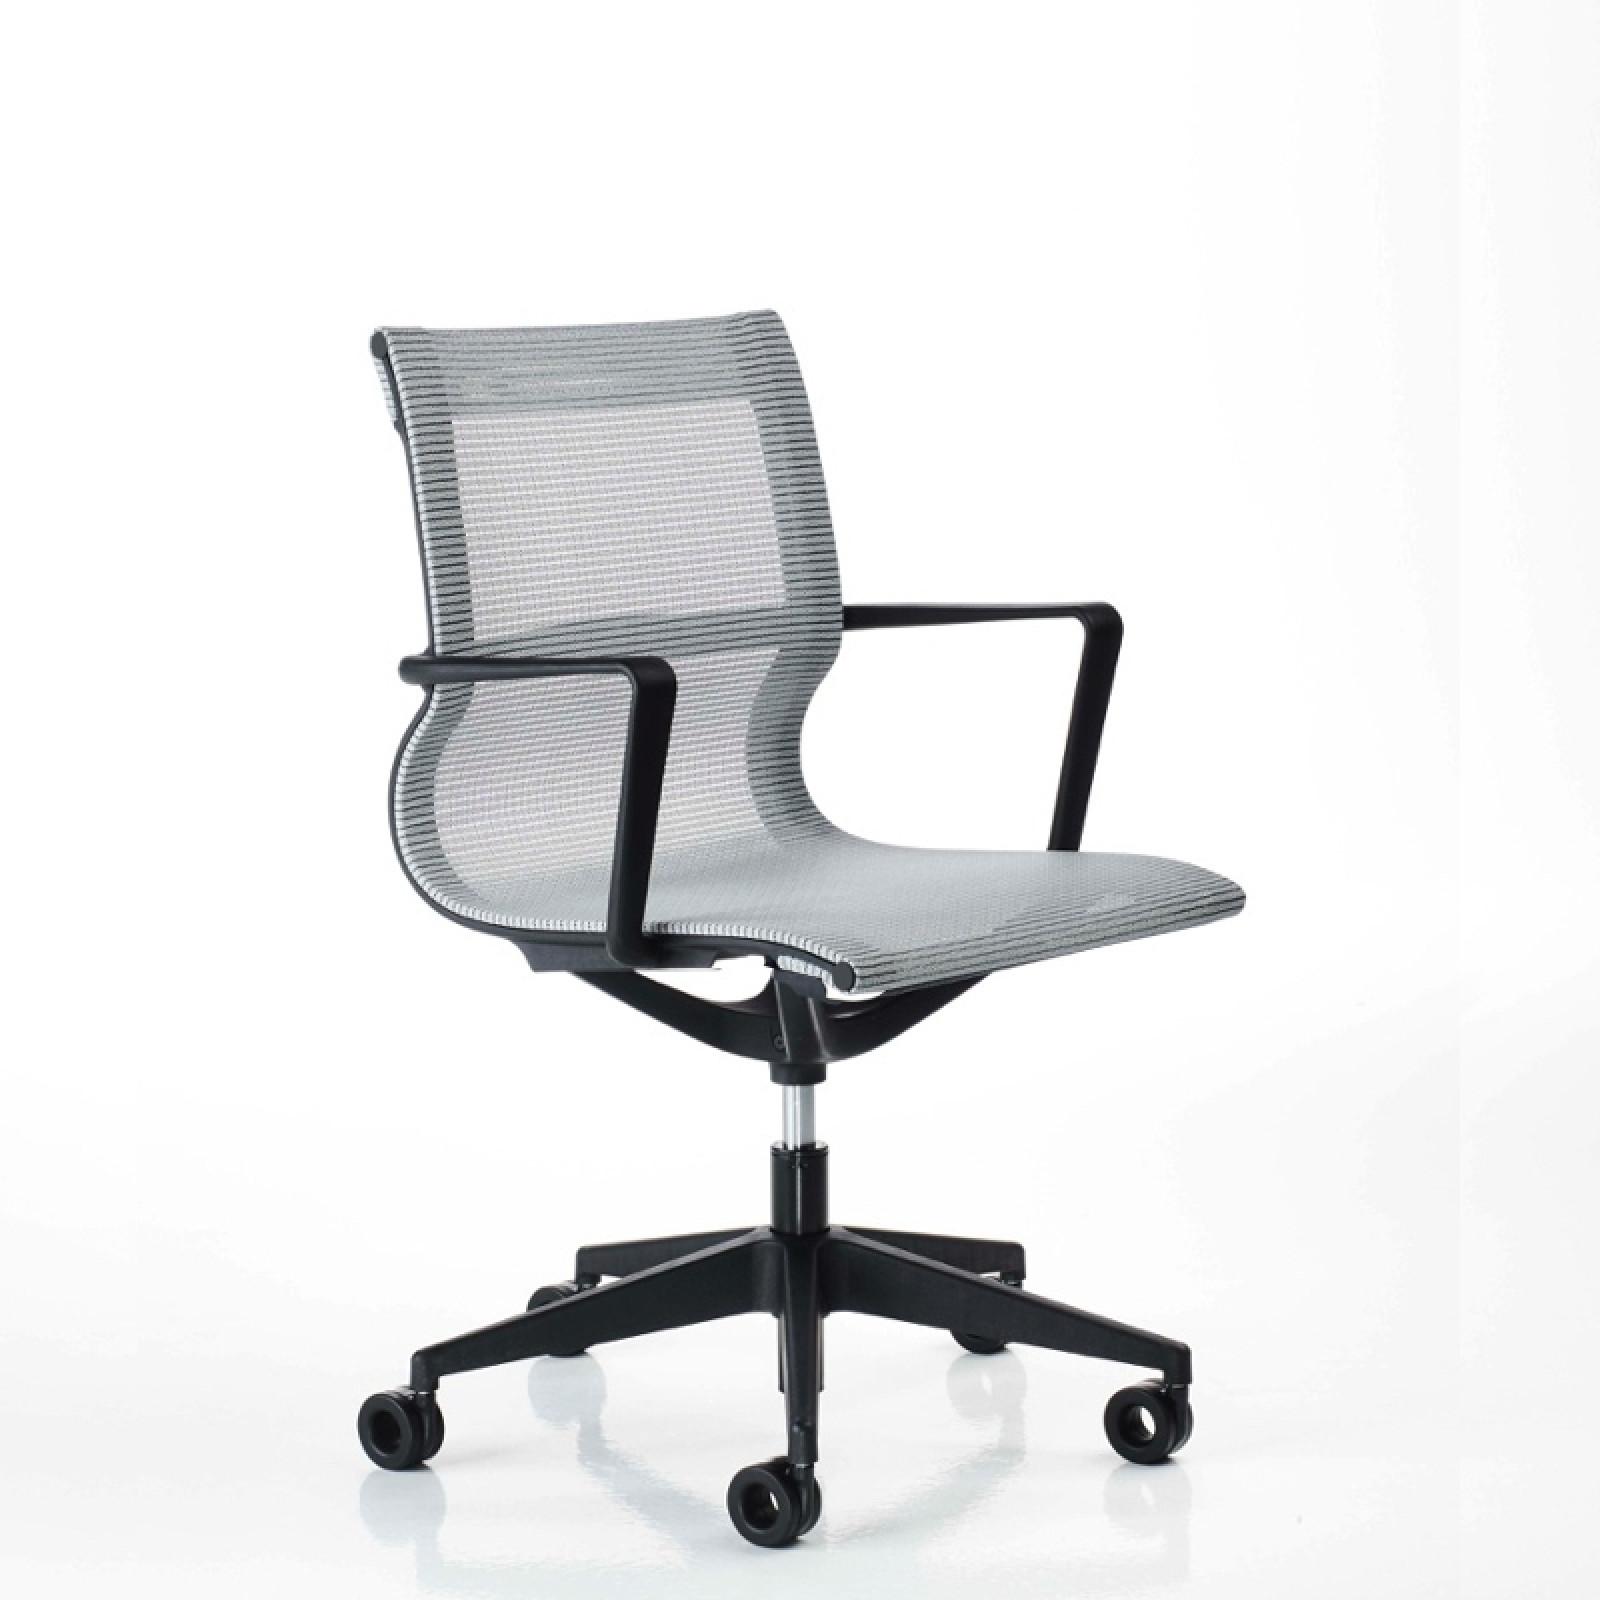 Liberty állítható magasságú irodai szék hálós fix fekete kartámasszokkal 5 ágú csillag alakú központi görgõs lábbal